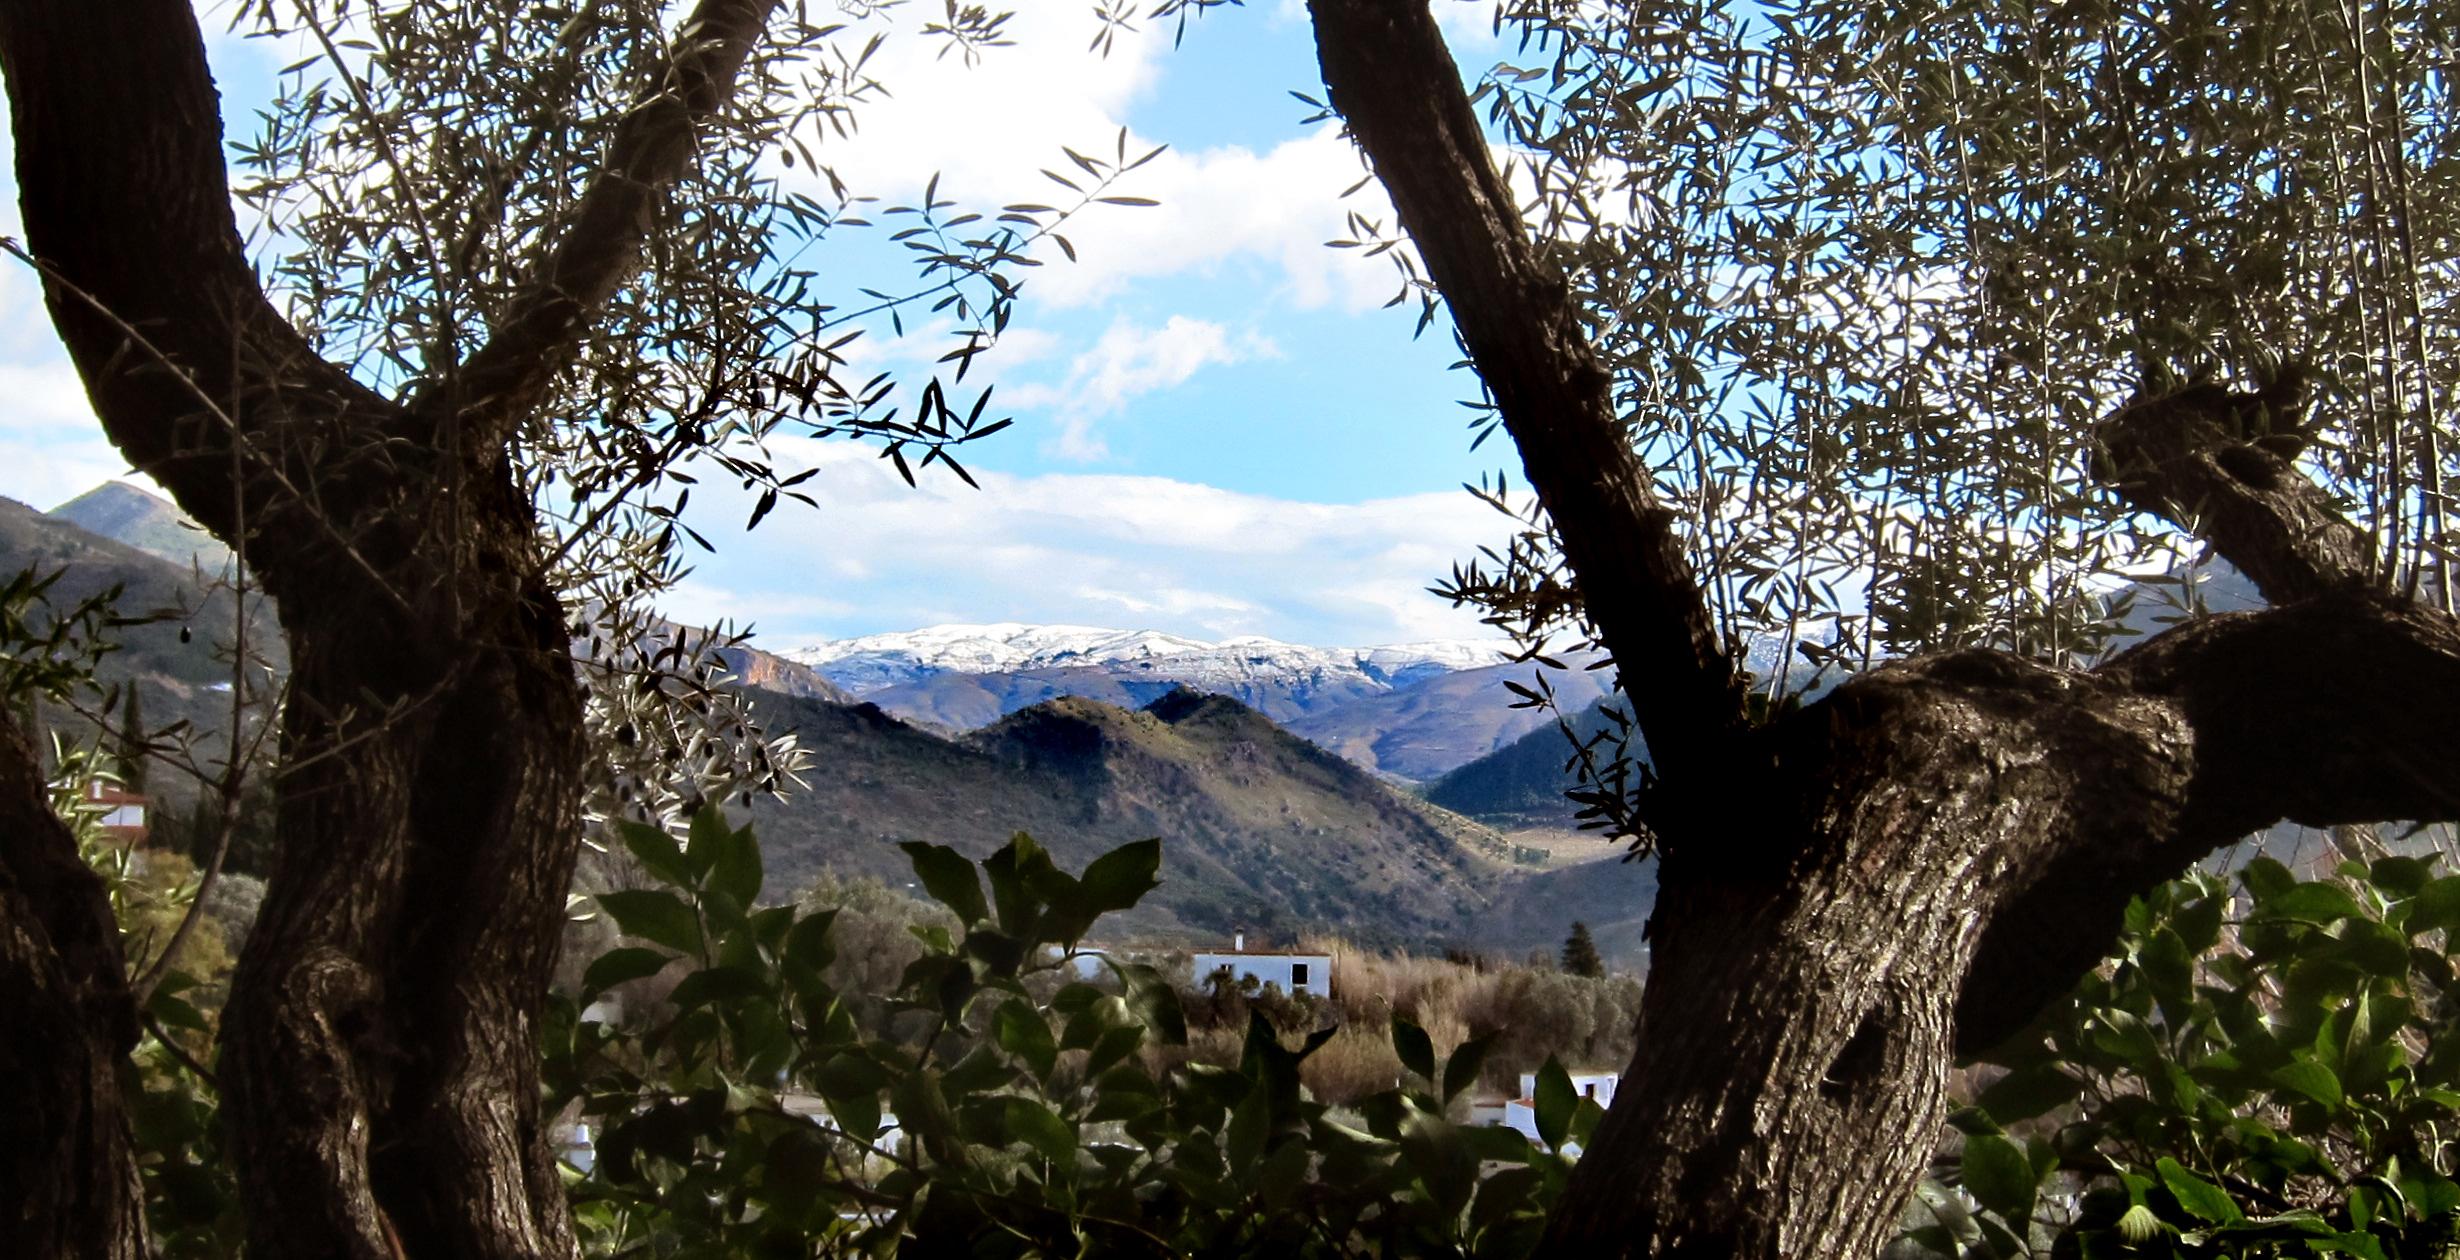 Olivos del jardín con fonde de montañas nevadas, en el jardín de la casa